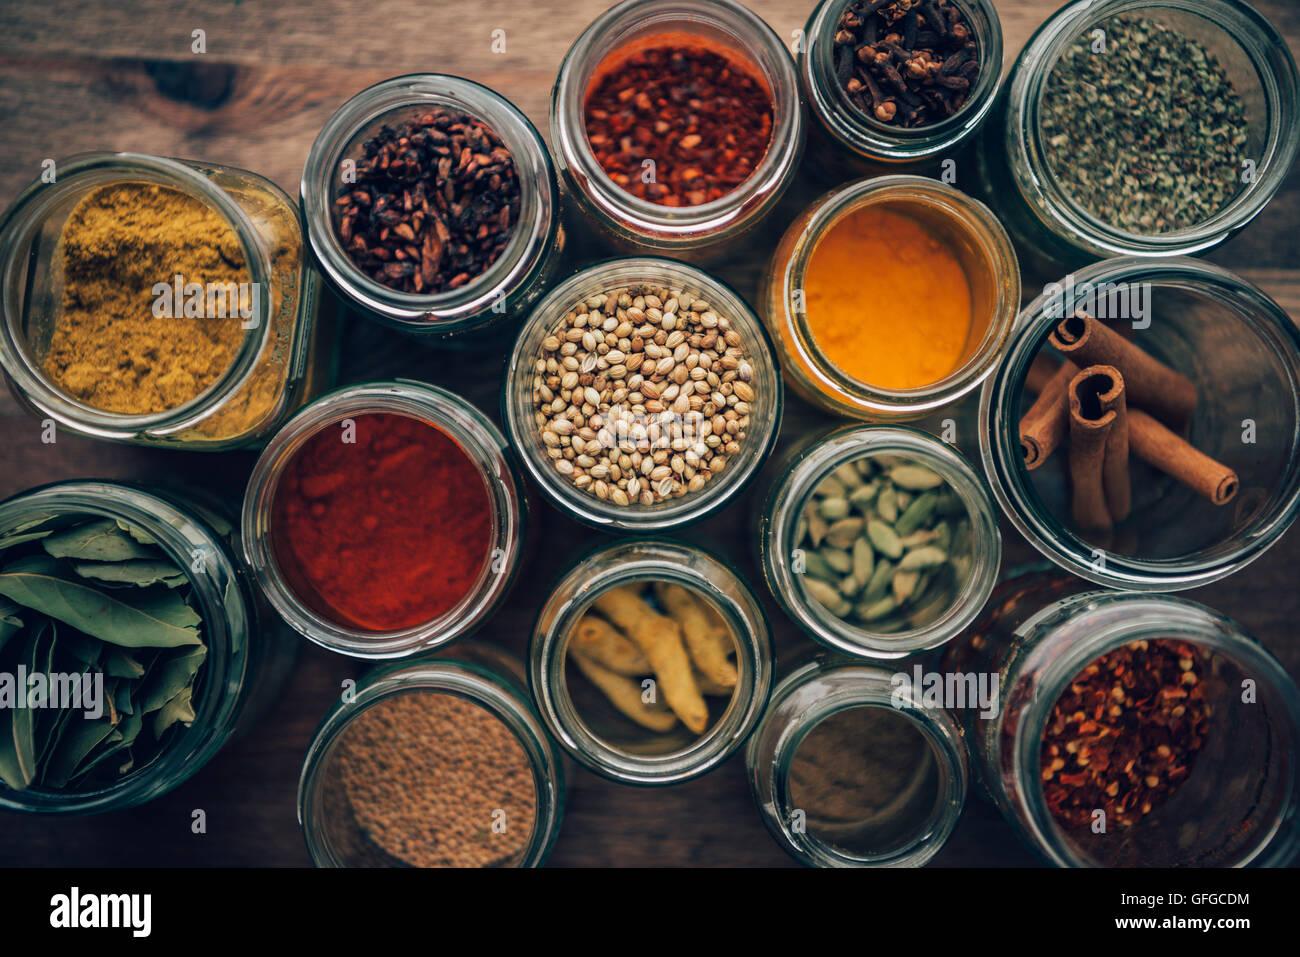 Assortiment d'épices colorés dans des bocaux en verre. Photo Stock